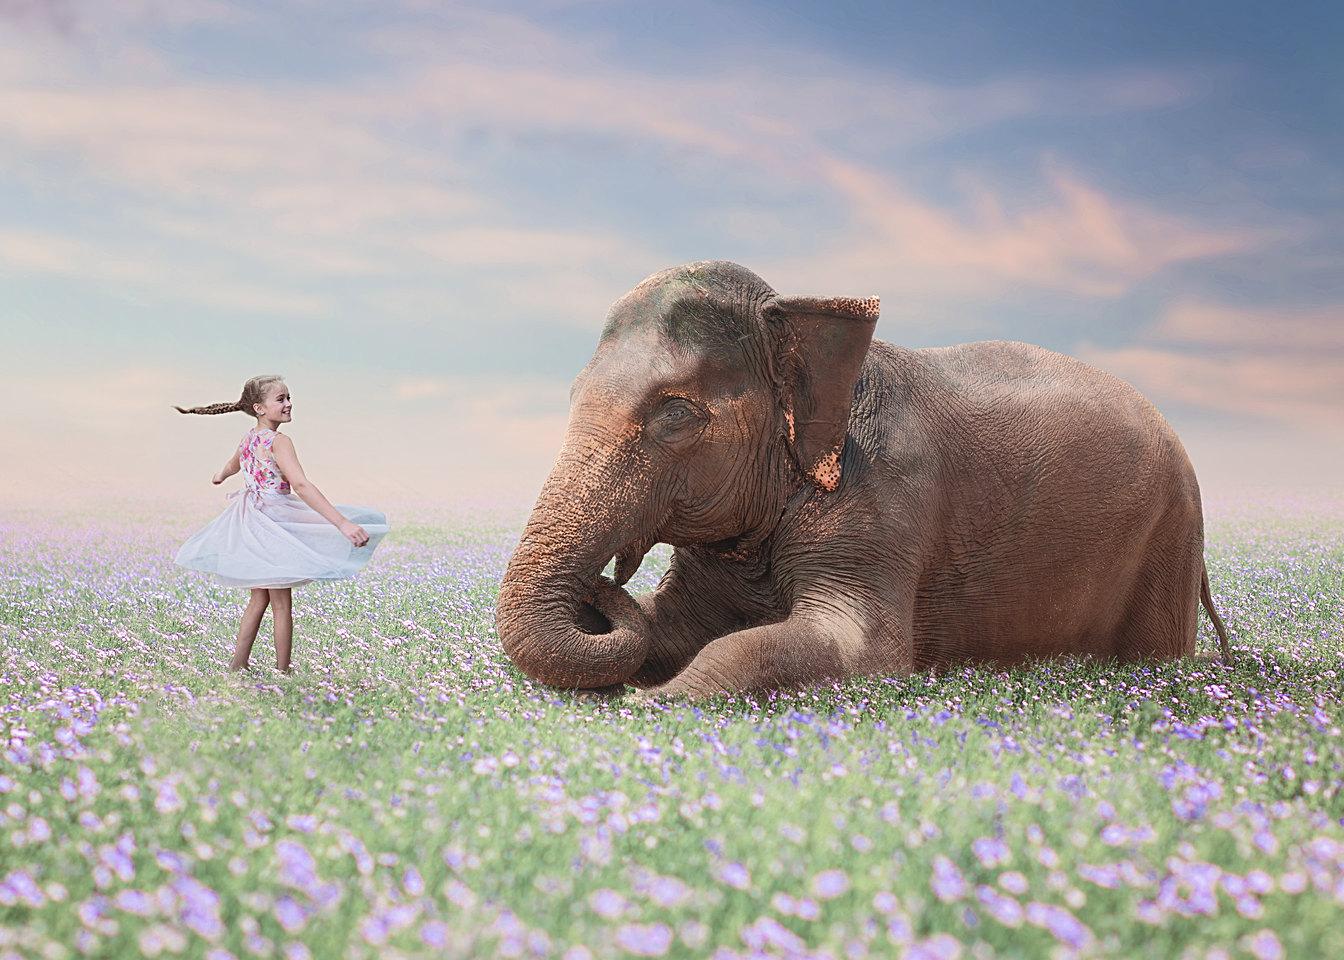 Best Children's Photography